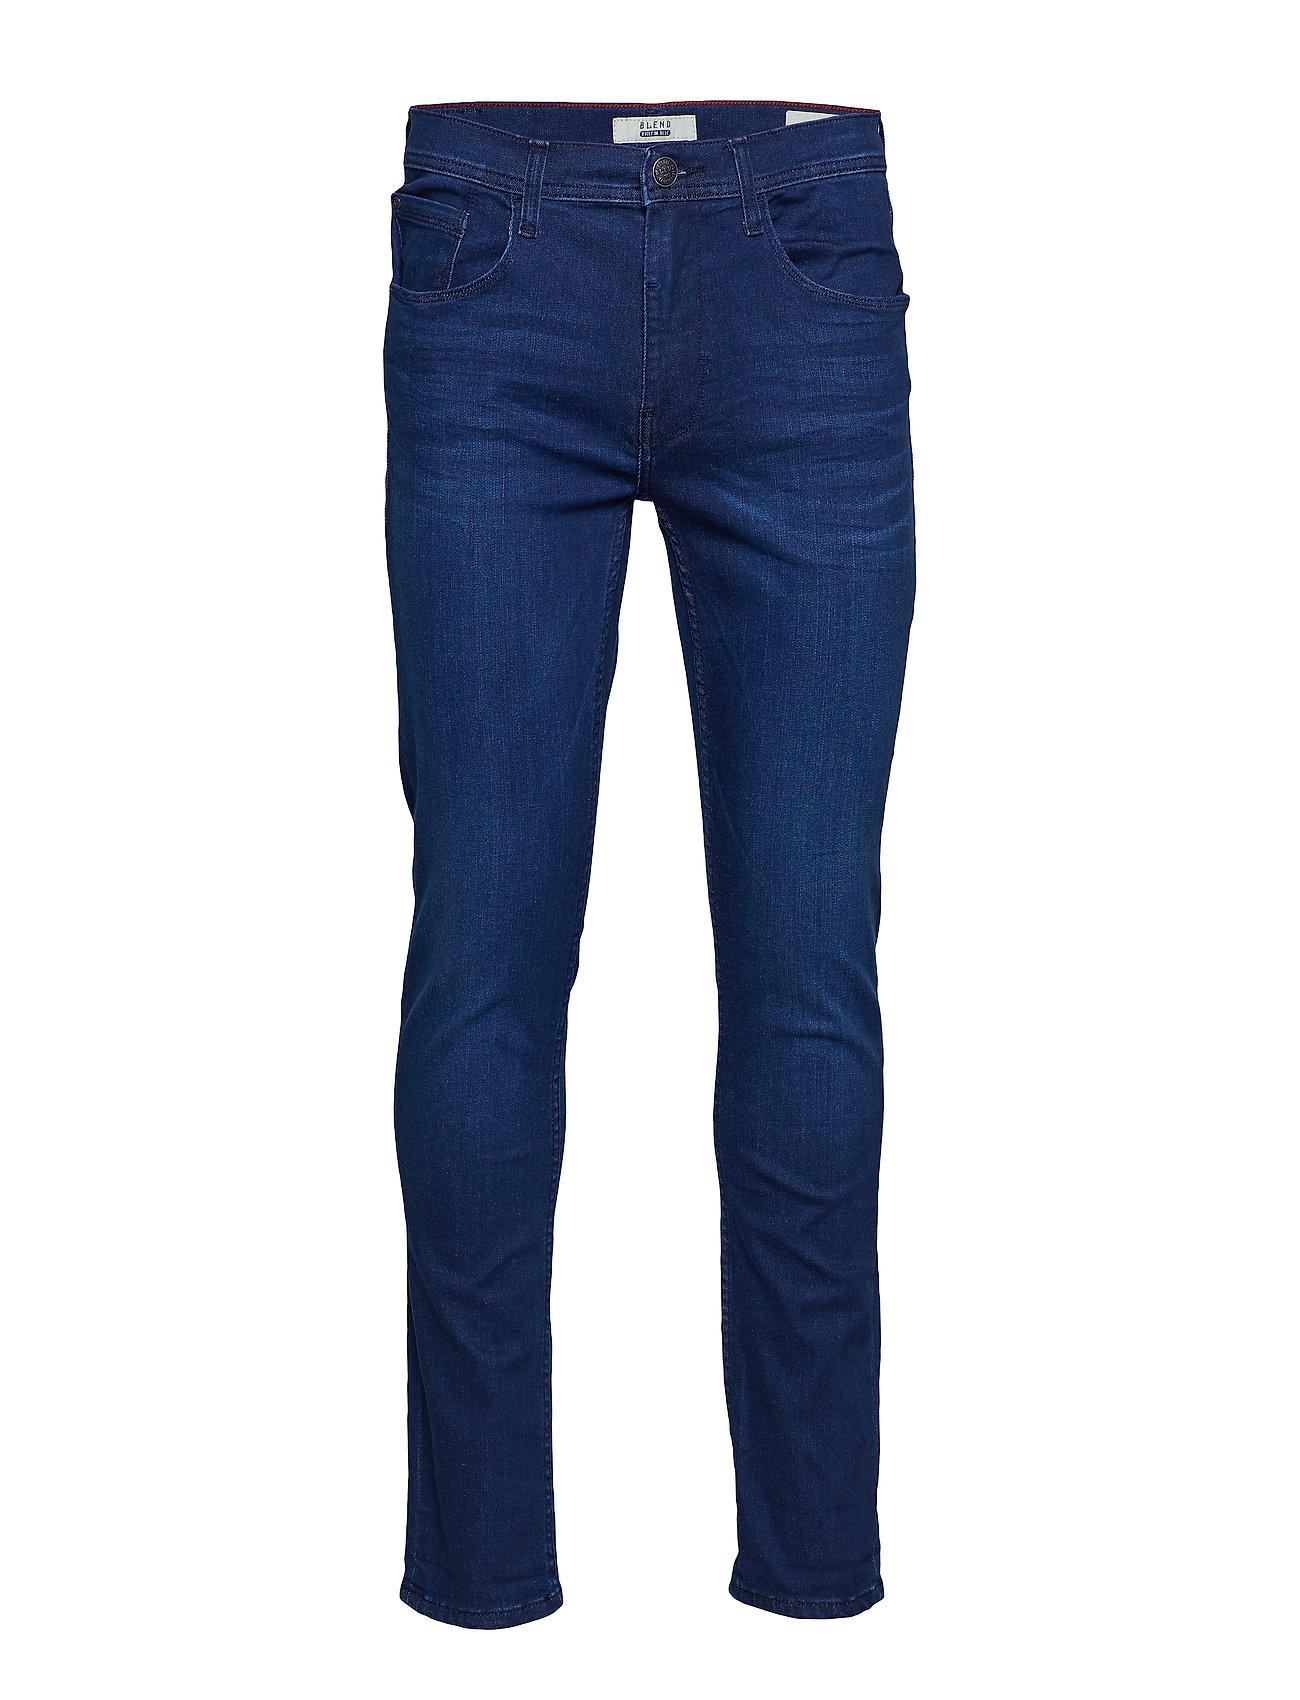 Blend Jeans w. multiflex - NOOS - DENIM DARK BLUE